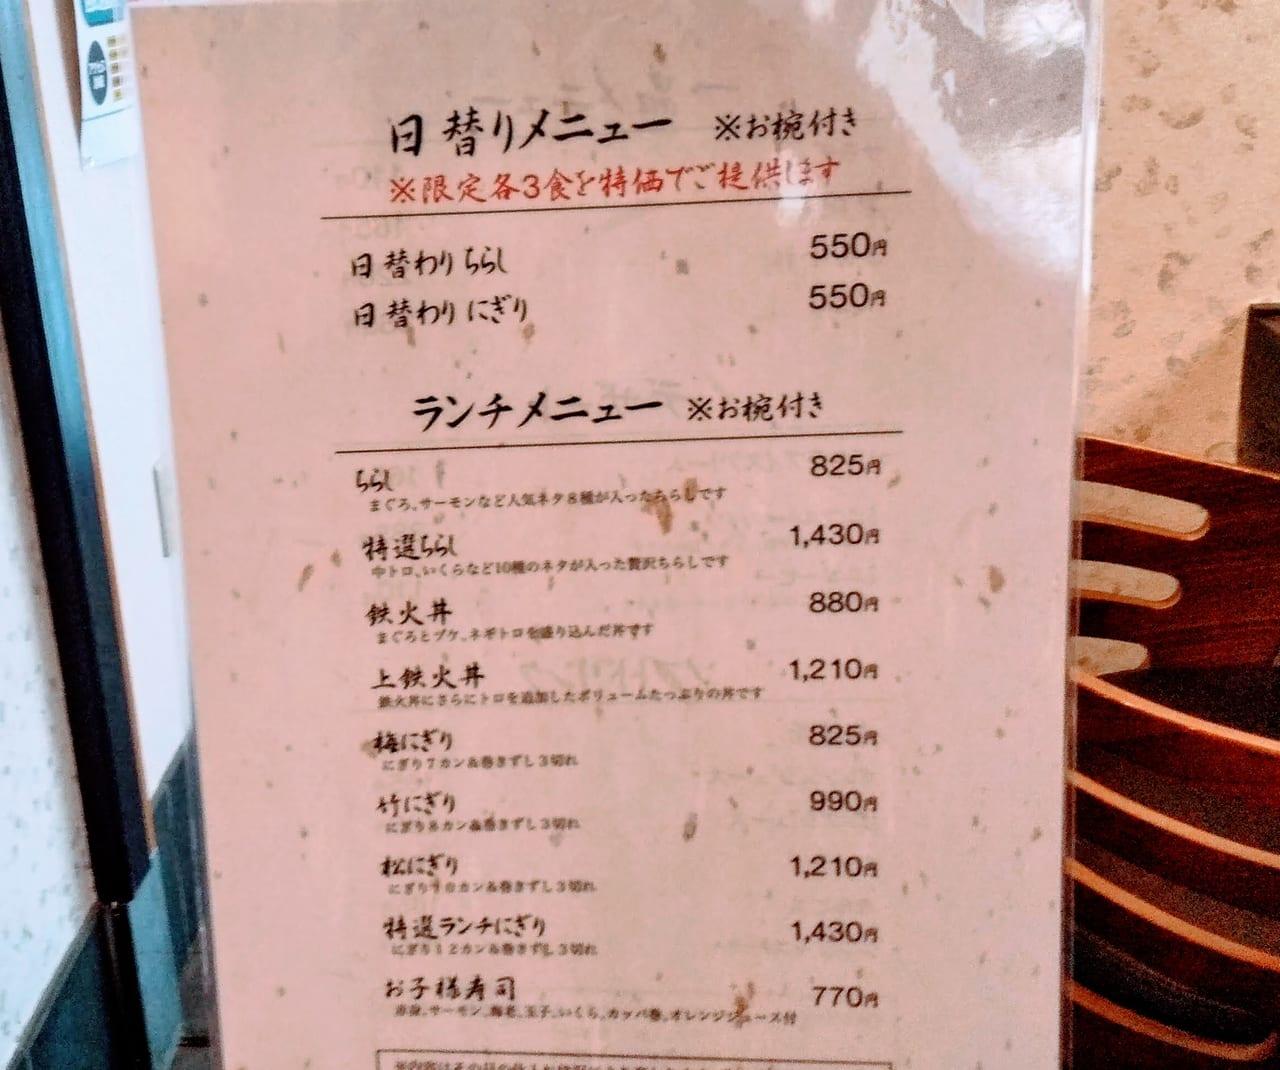 金山町寿司処りんどうのランチメニュー